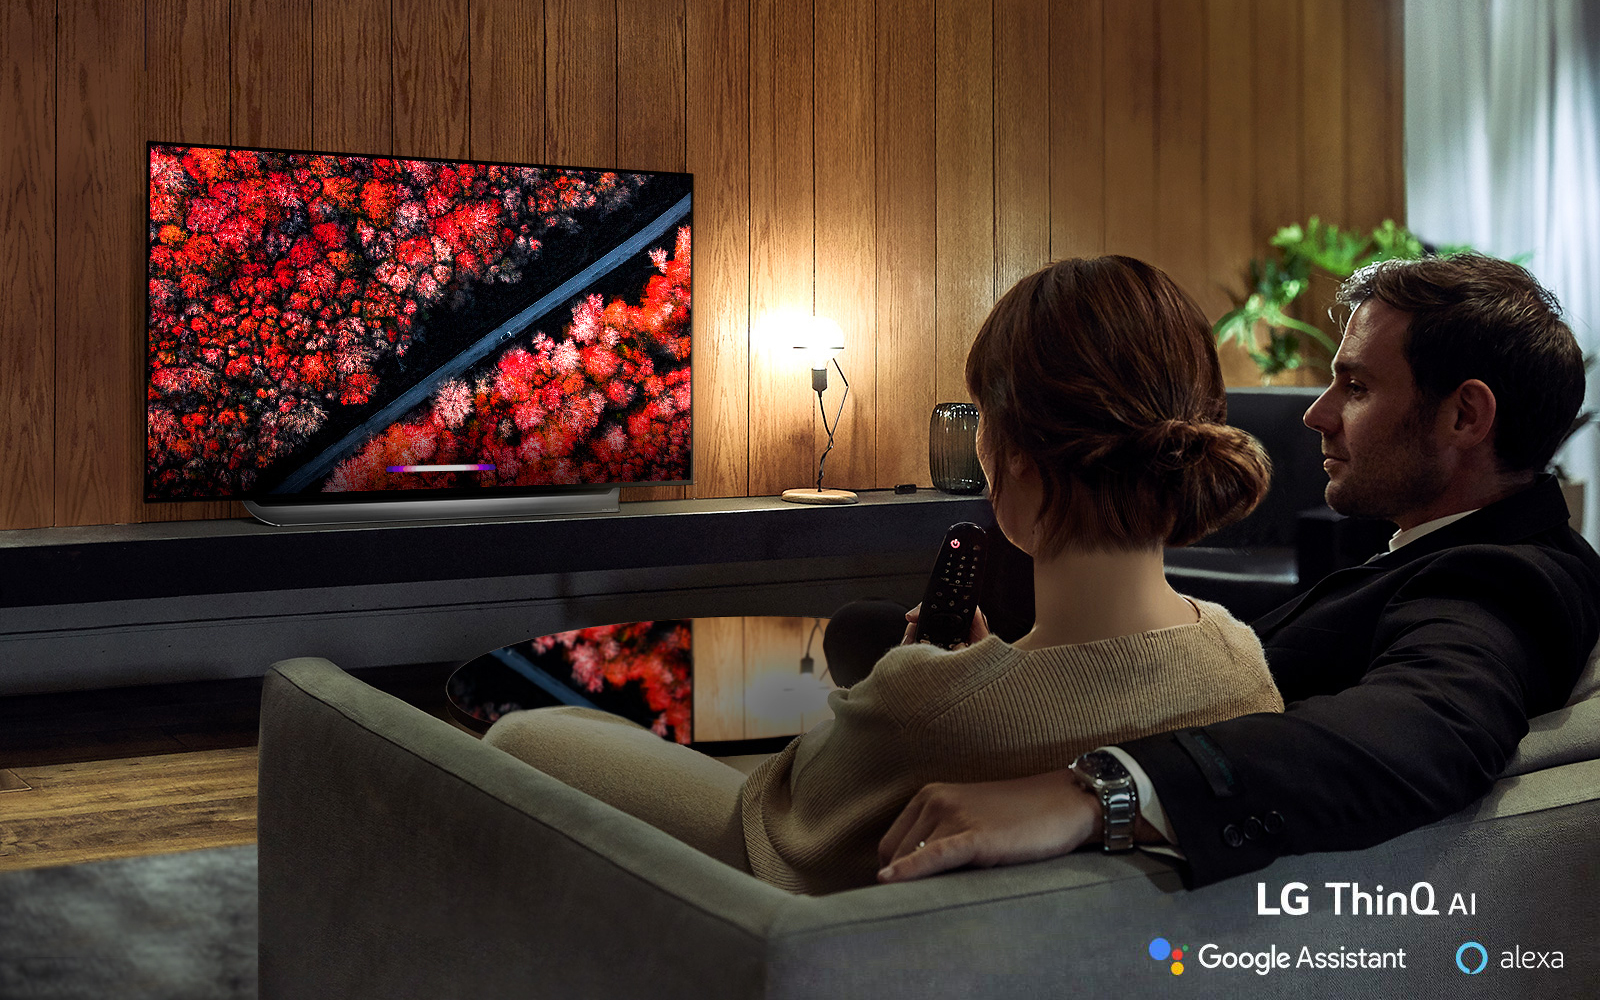 모델들이 최근 미국의 '씨넷', '톰스가이드', 영국의 '트러스티드 리뷰', '테크레이더' 등 해외 유력 매체들로부터 '최고 TV'로 호평을 받은 LG 올레드 TV(모델명: C9)를 즐기고 있다.